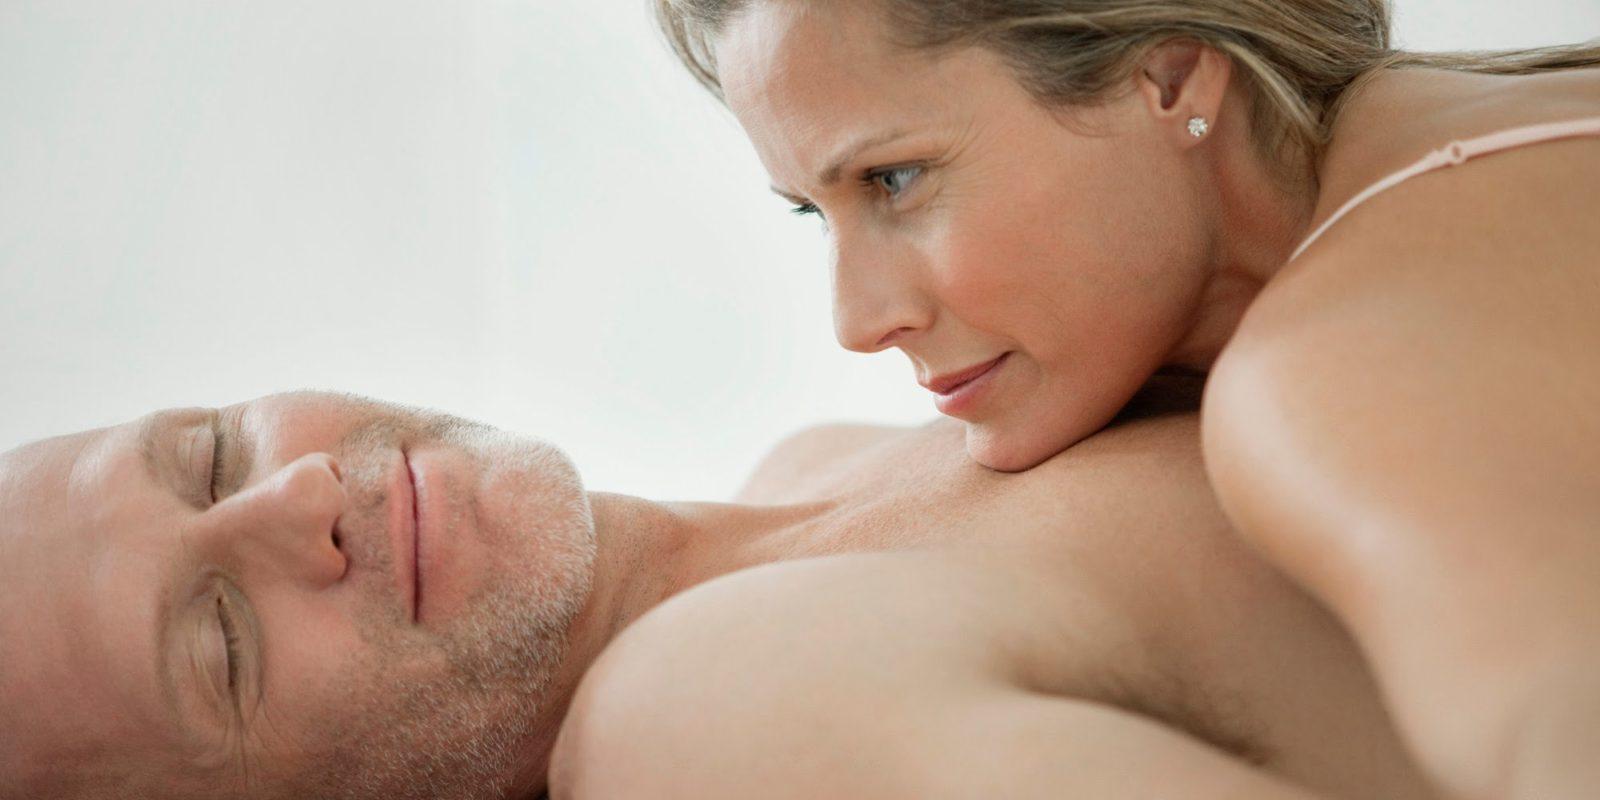 Il sesso fa ringiovanire di almeno 5 anni: parola degli esperti